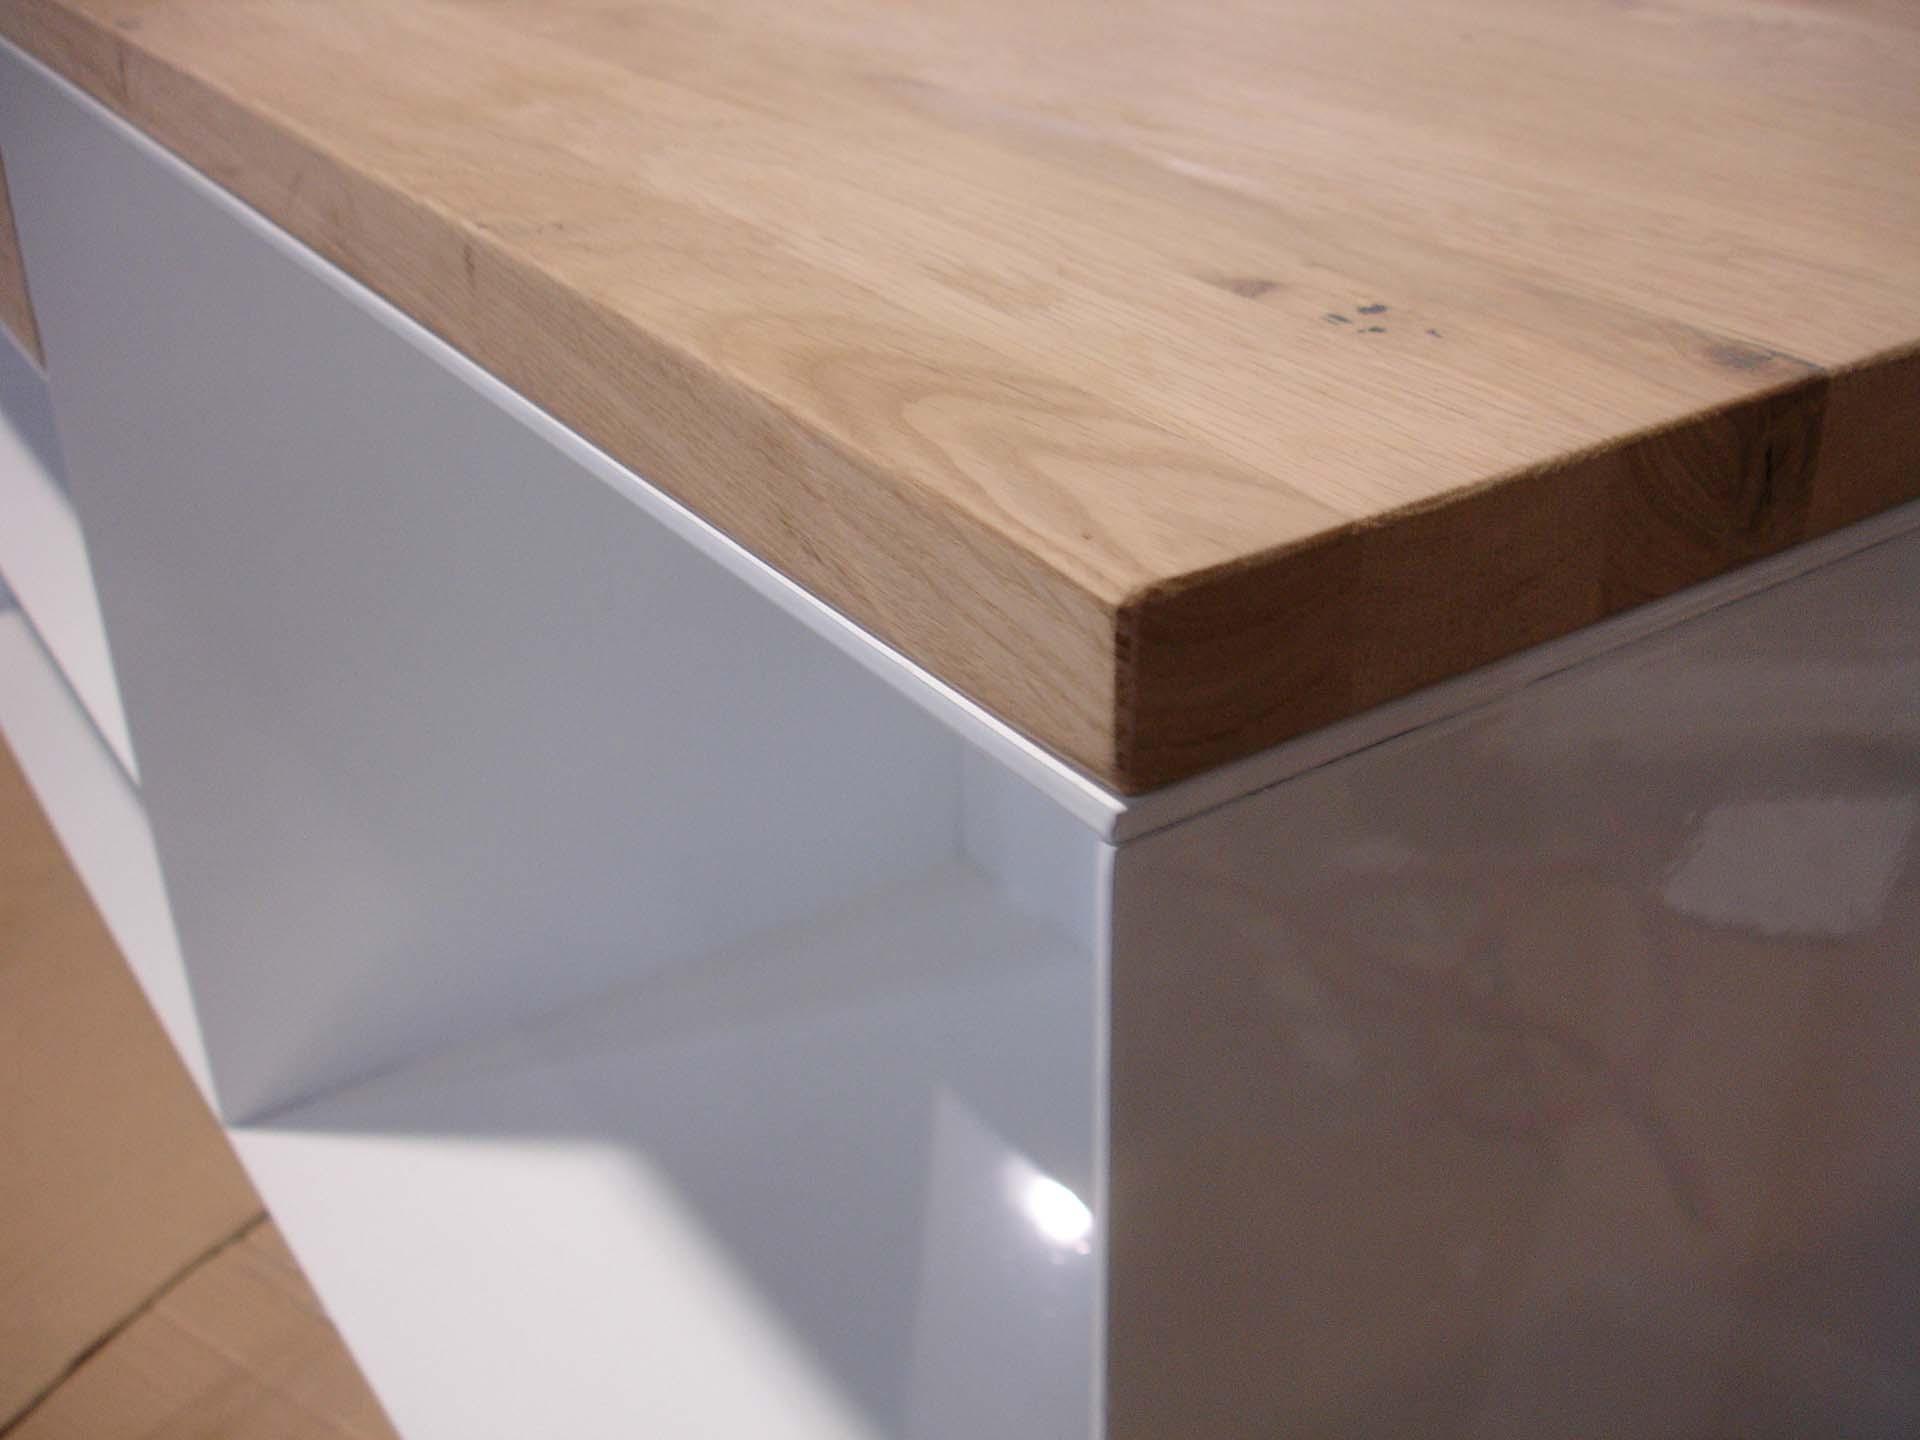 design-metallmoebel-stahlmoebel-sideboard-mit-schublade-stahl-holz-eiche-kaminholz-aufbewahrung-brennholzregal-wohnzimmer-innen-außen